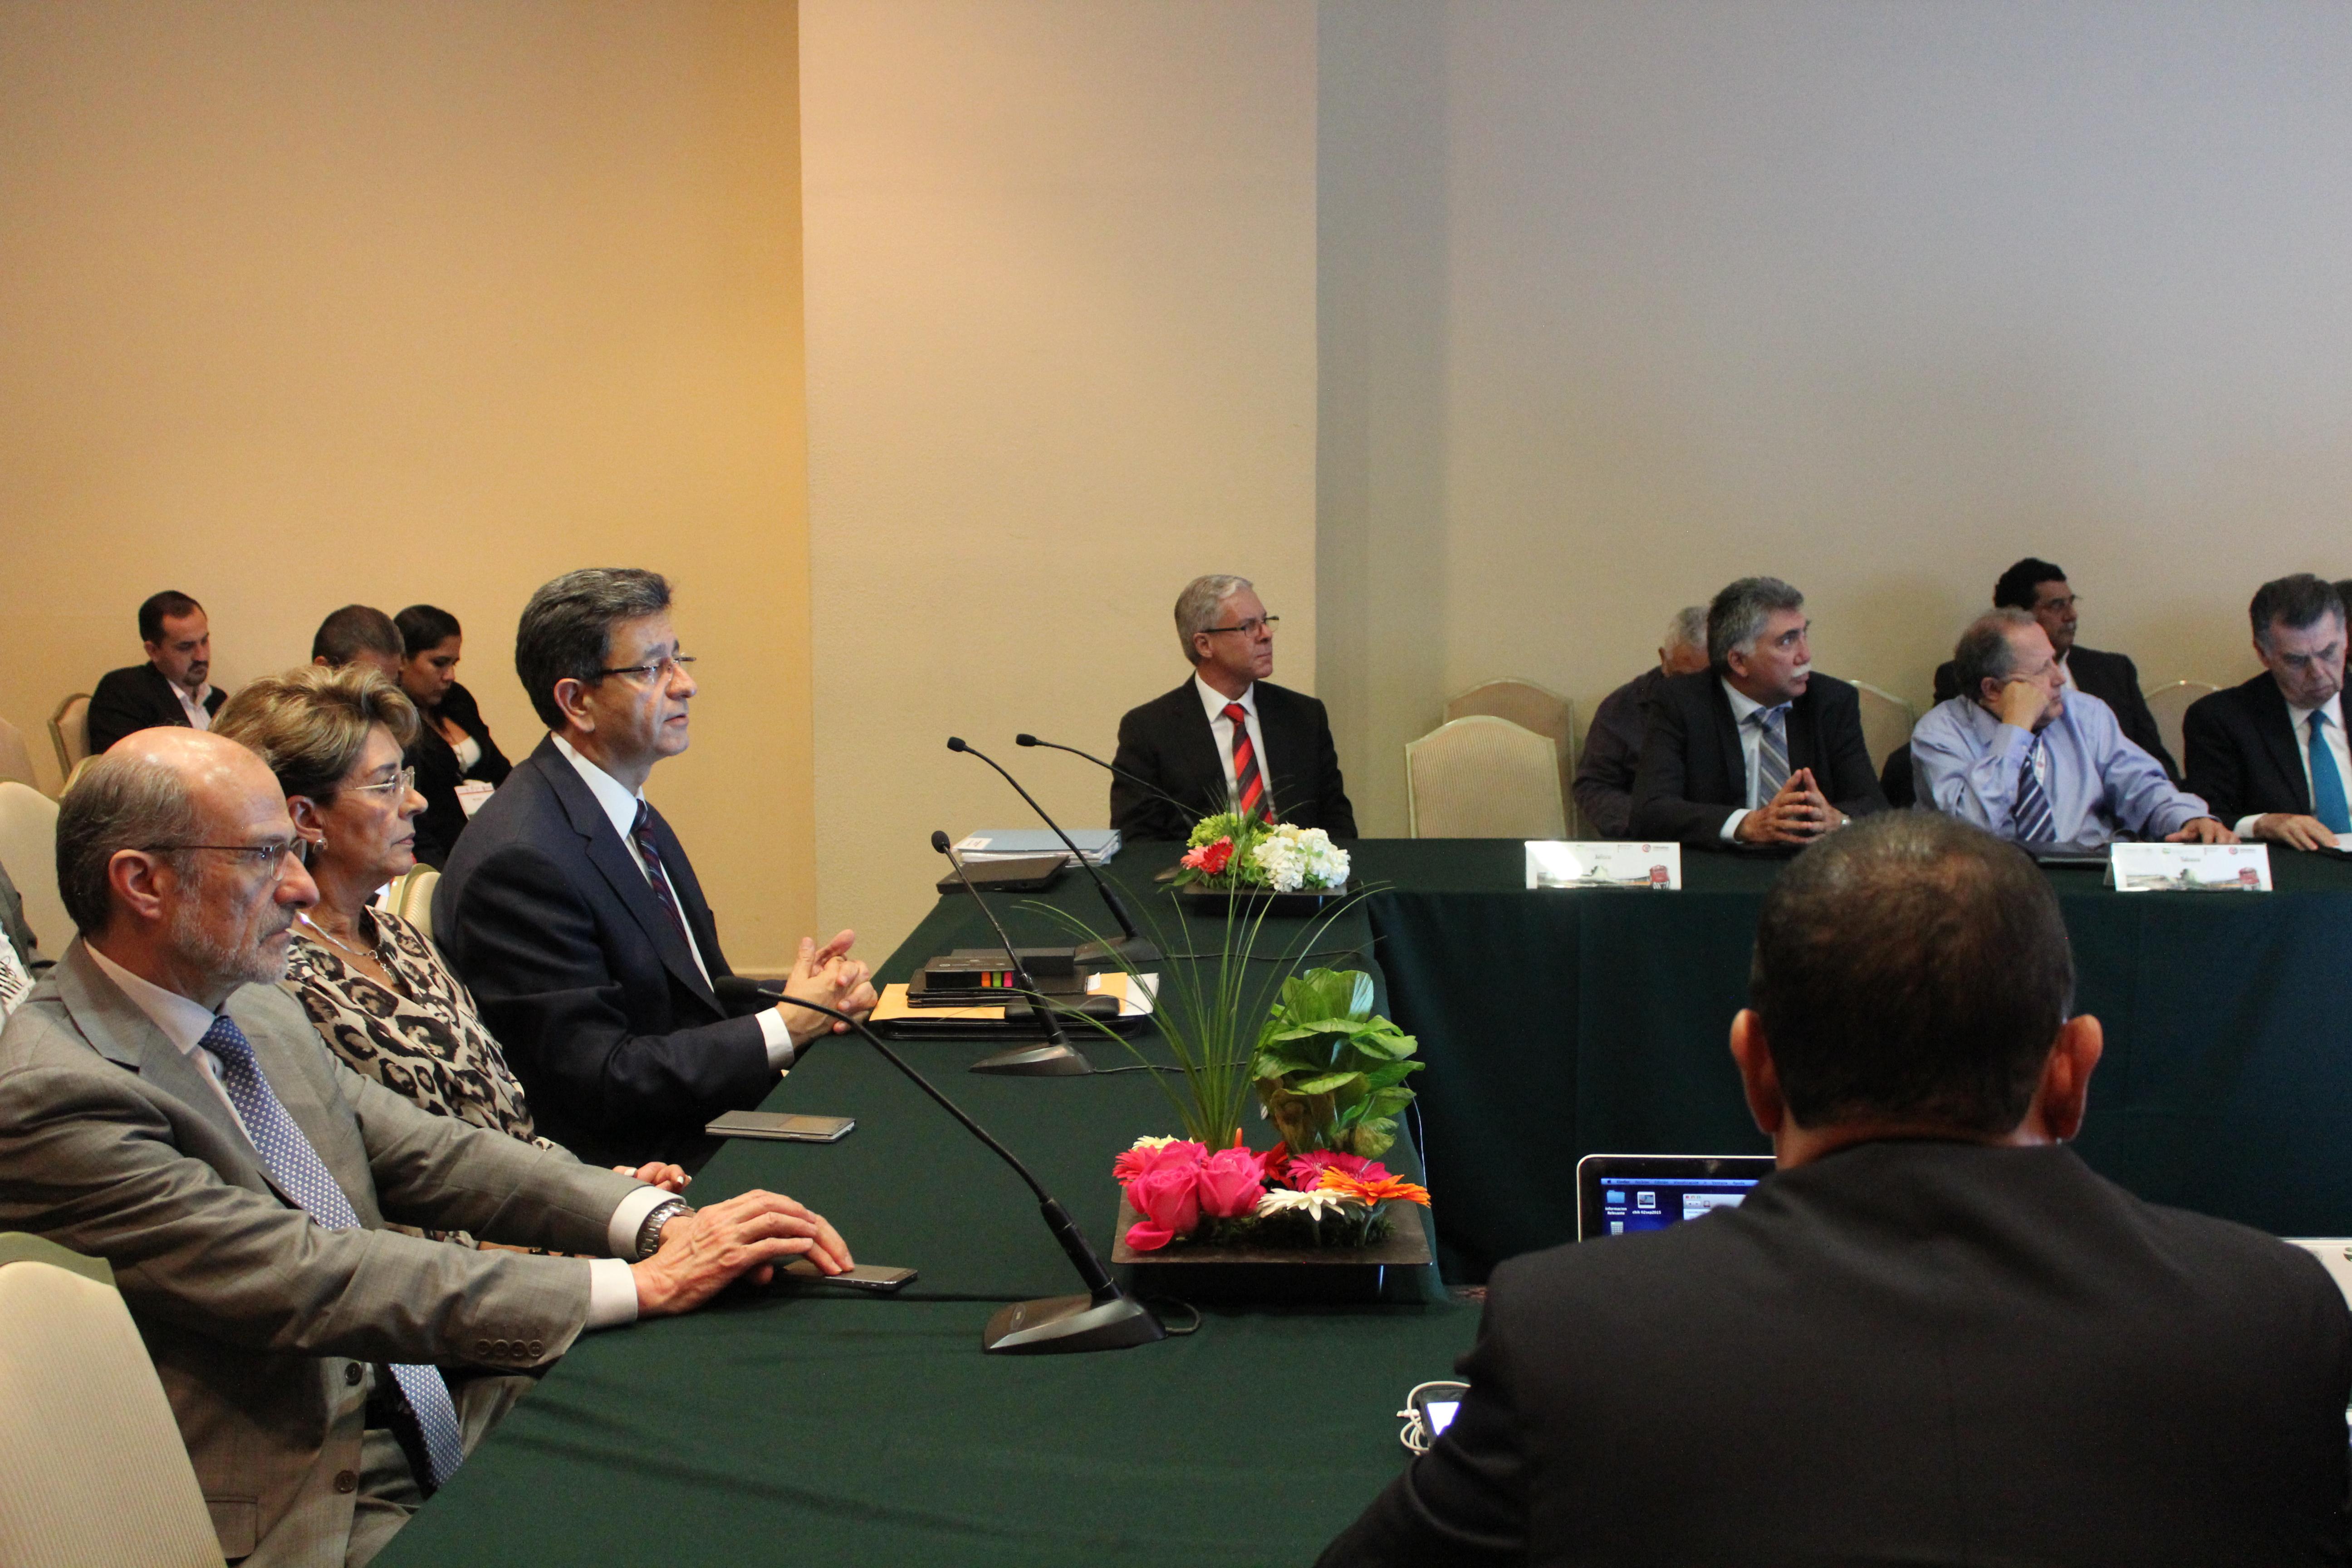 En el marco de la XI Reunión Nacional Ordinaria de la CONASA, se llevó a cabo el taller Prevención y Control del Dengue y el Chikungunya.